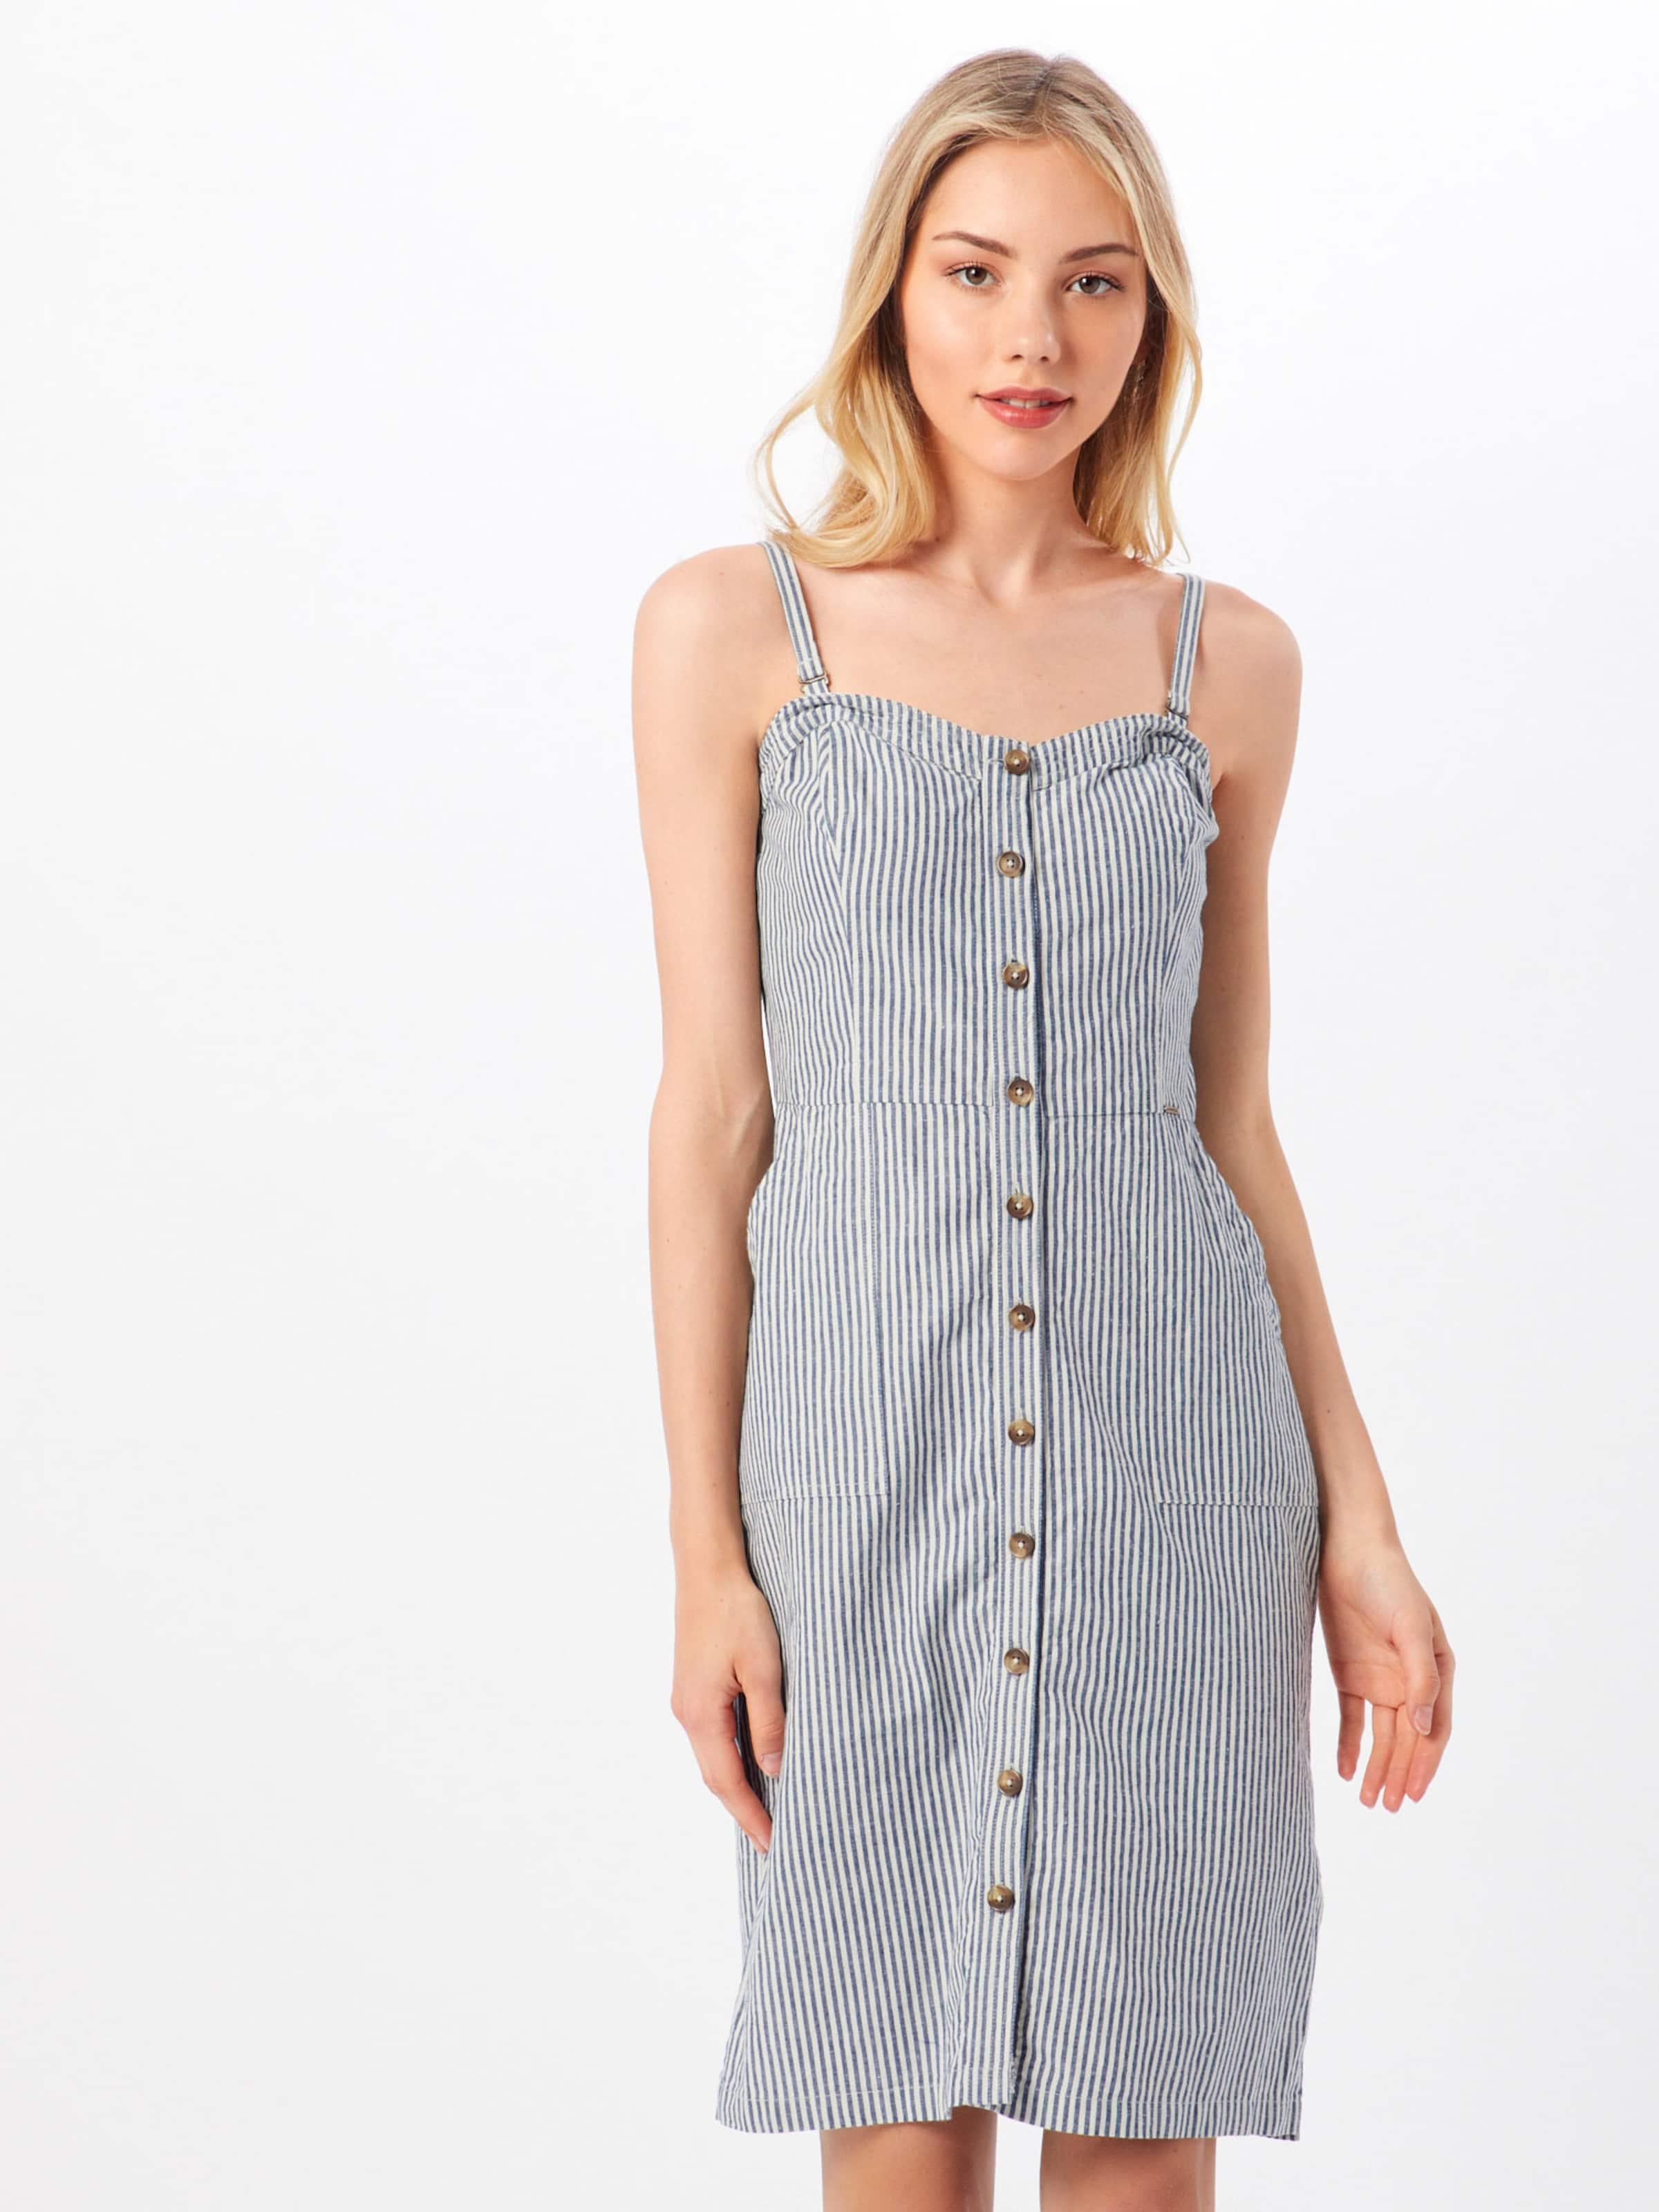 BlauNaturweiß Superdry 'mila' In 'mila' In Kleid Kleid BlauNaturweiß Superdry 5jq3ARc4L